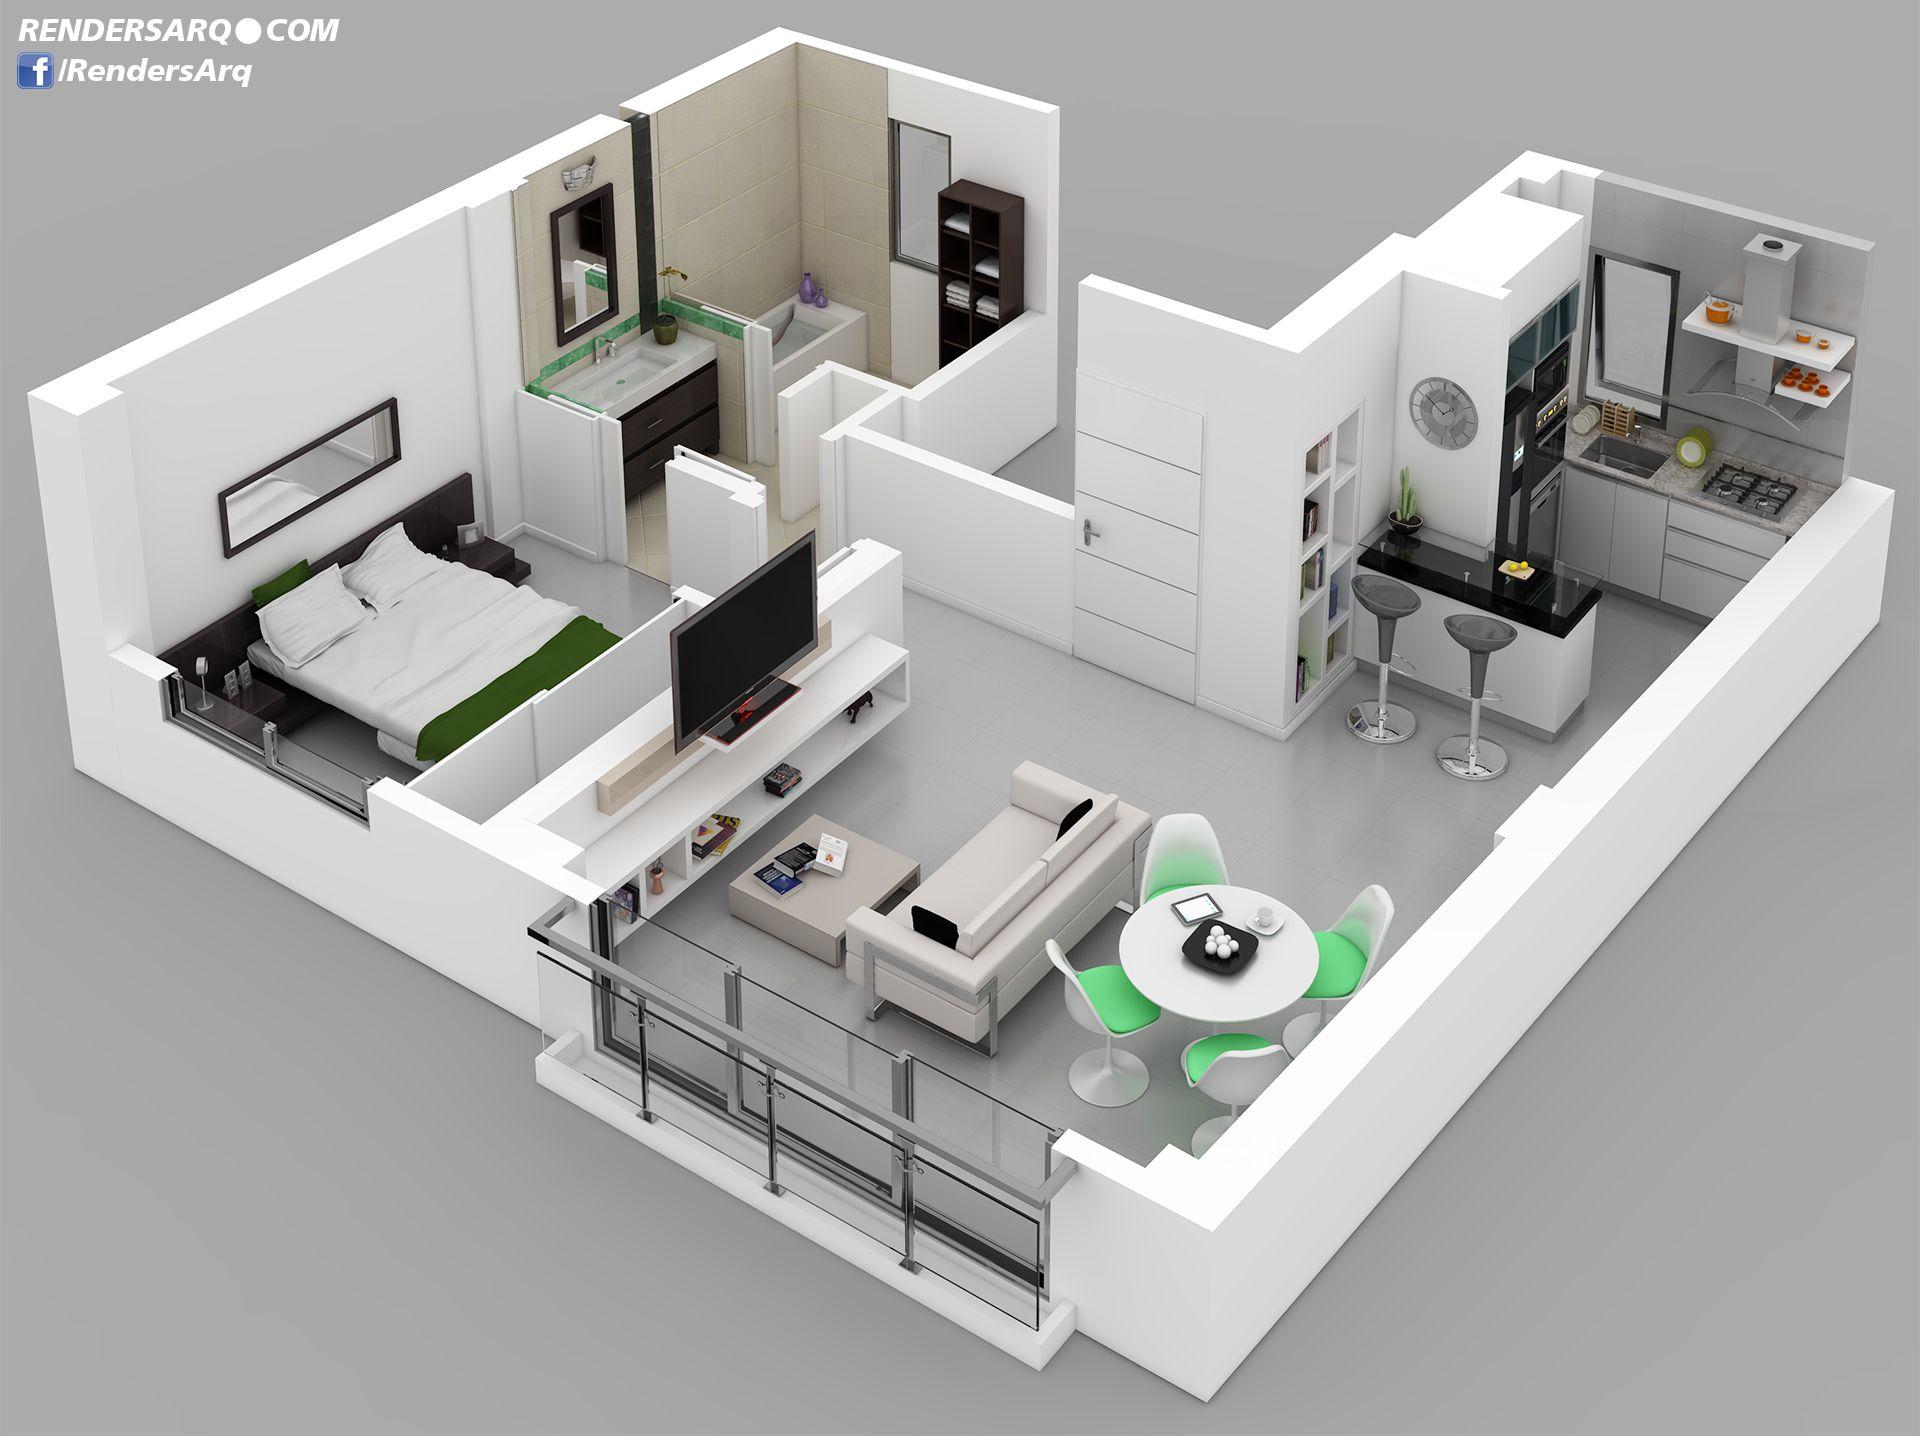 Casas De Dos Pisos Planos 3d Google Search Planos De Casas 3d Casas En 3d Diseno Casas Pequenas